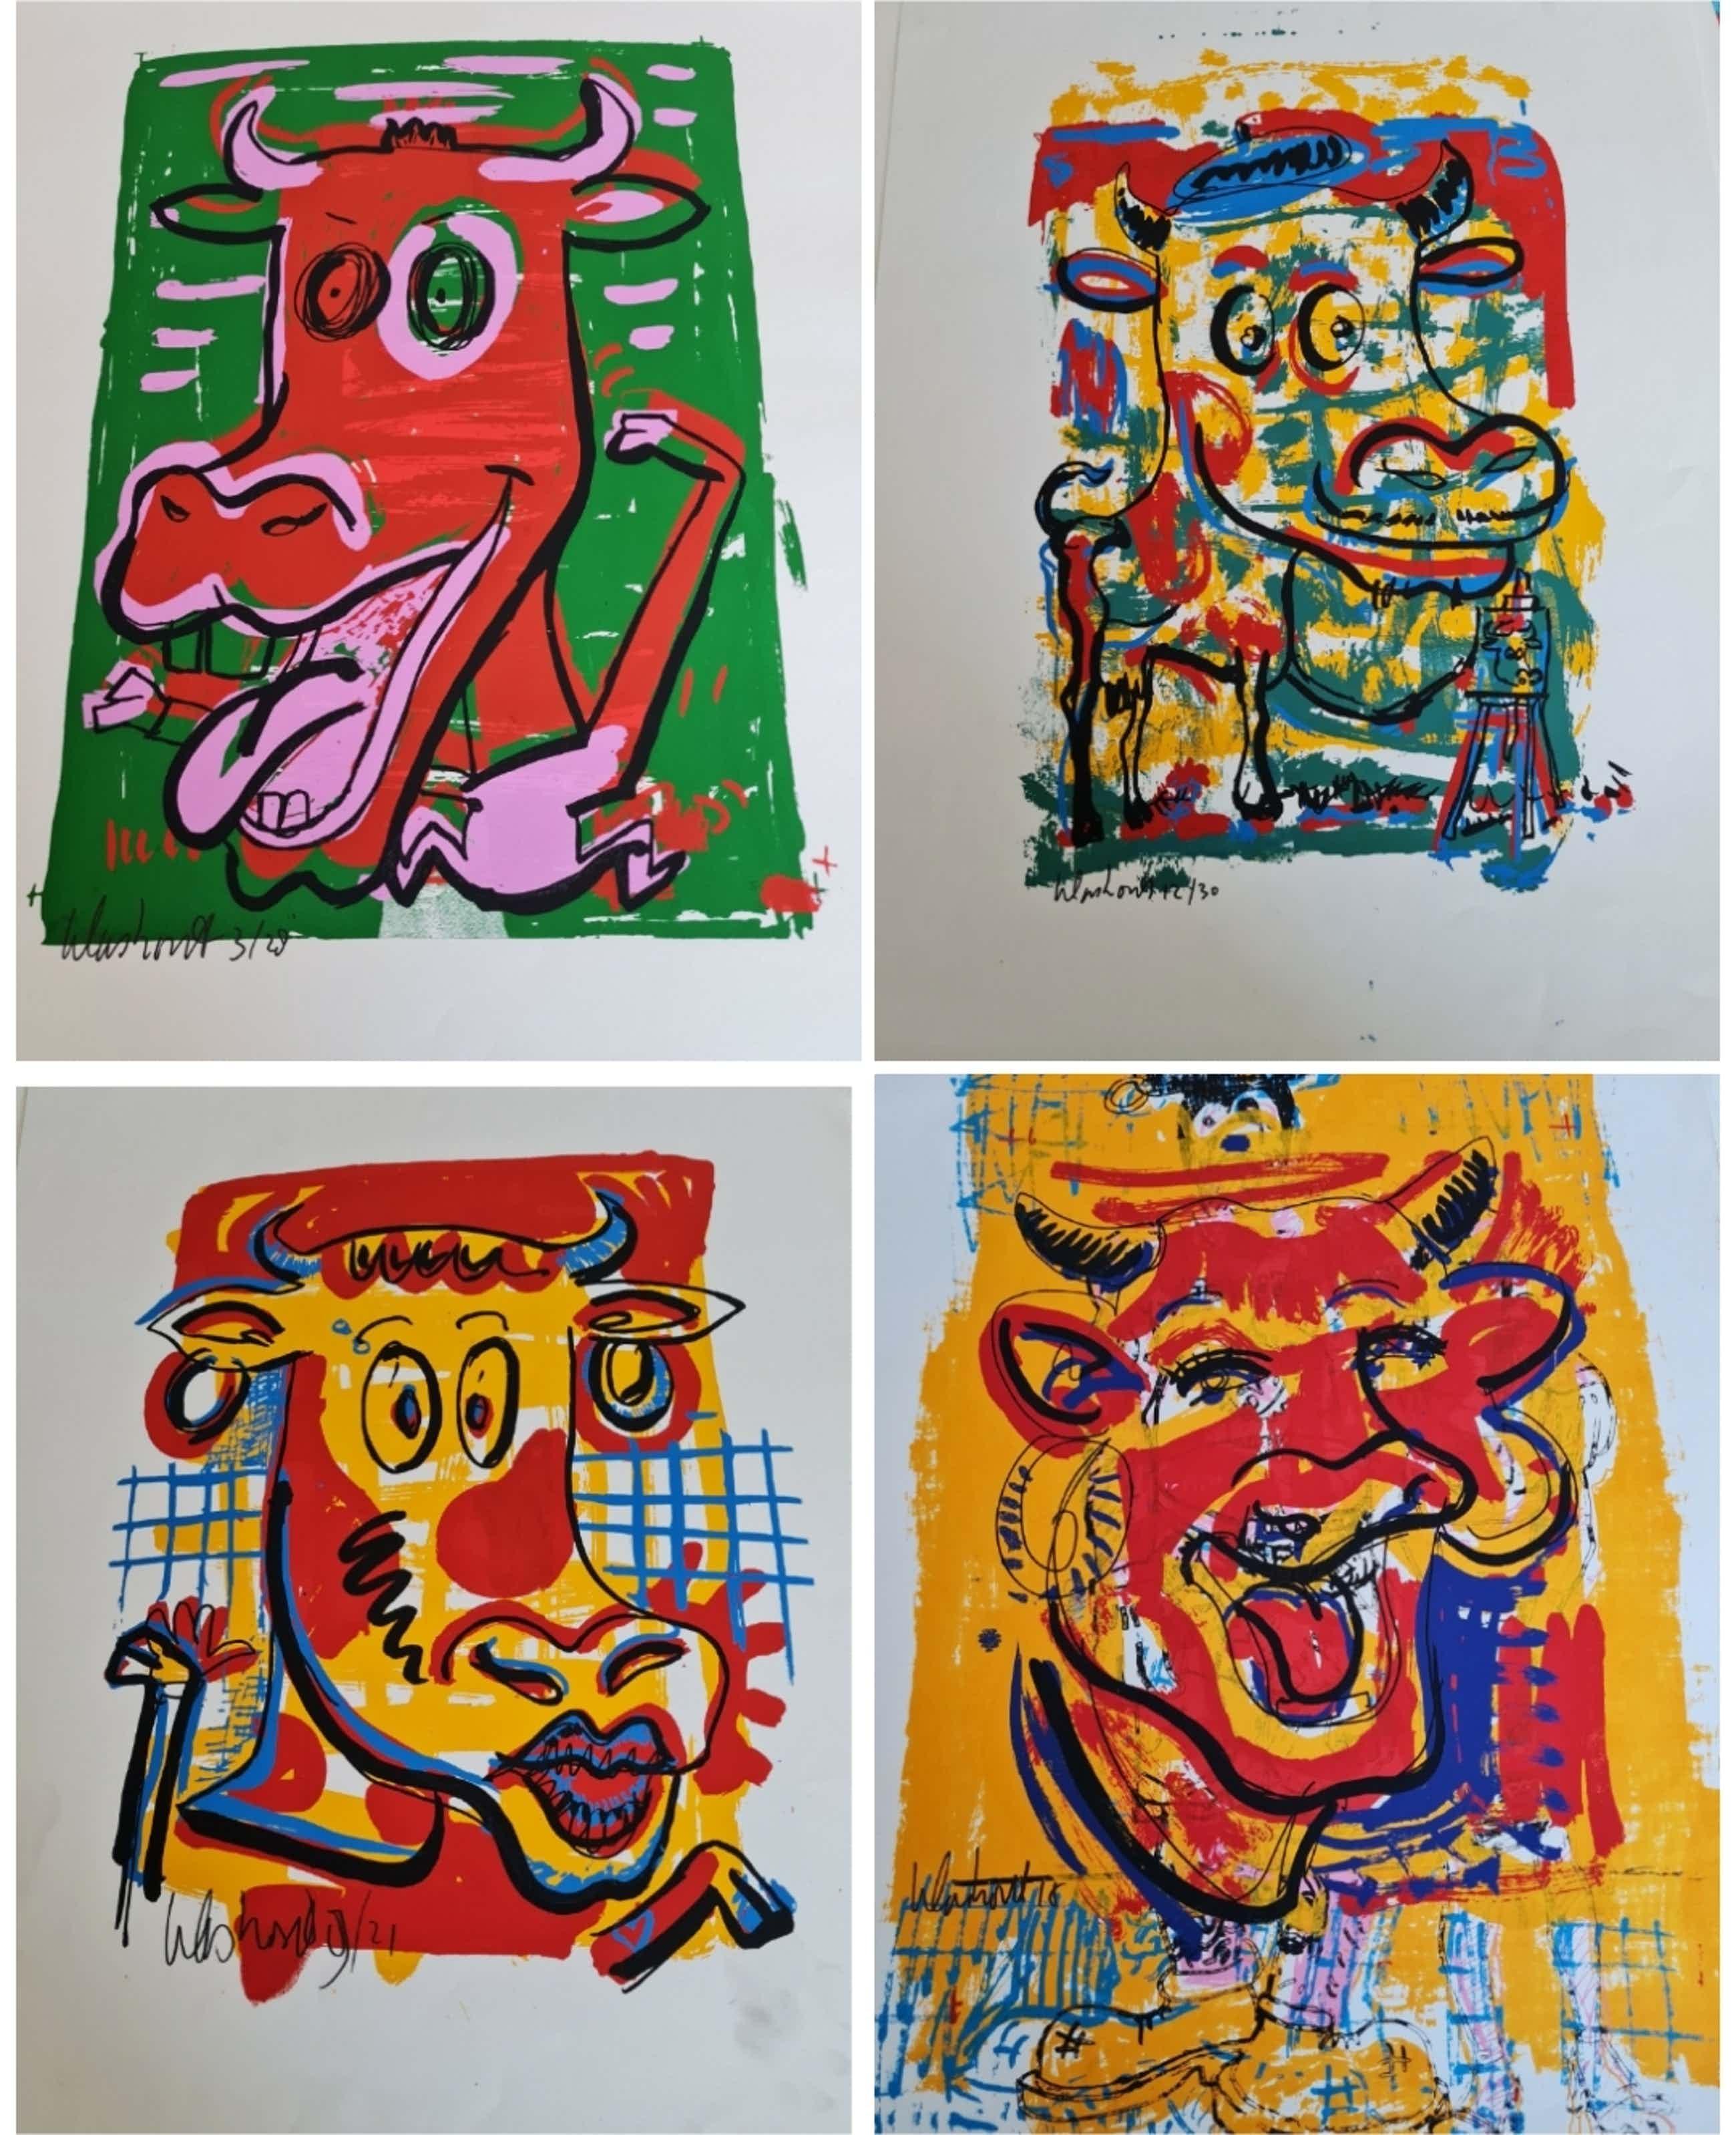 Peter Klashorst - Lot van 4 zeefdrukken - gesigneerd kopen? Bied vanaf 116!